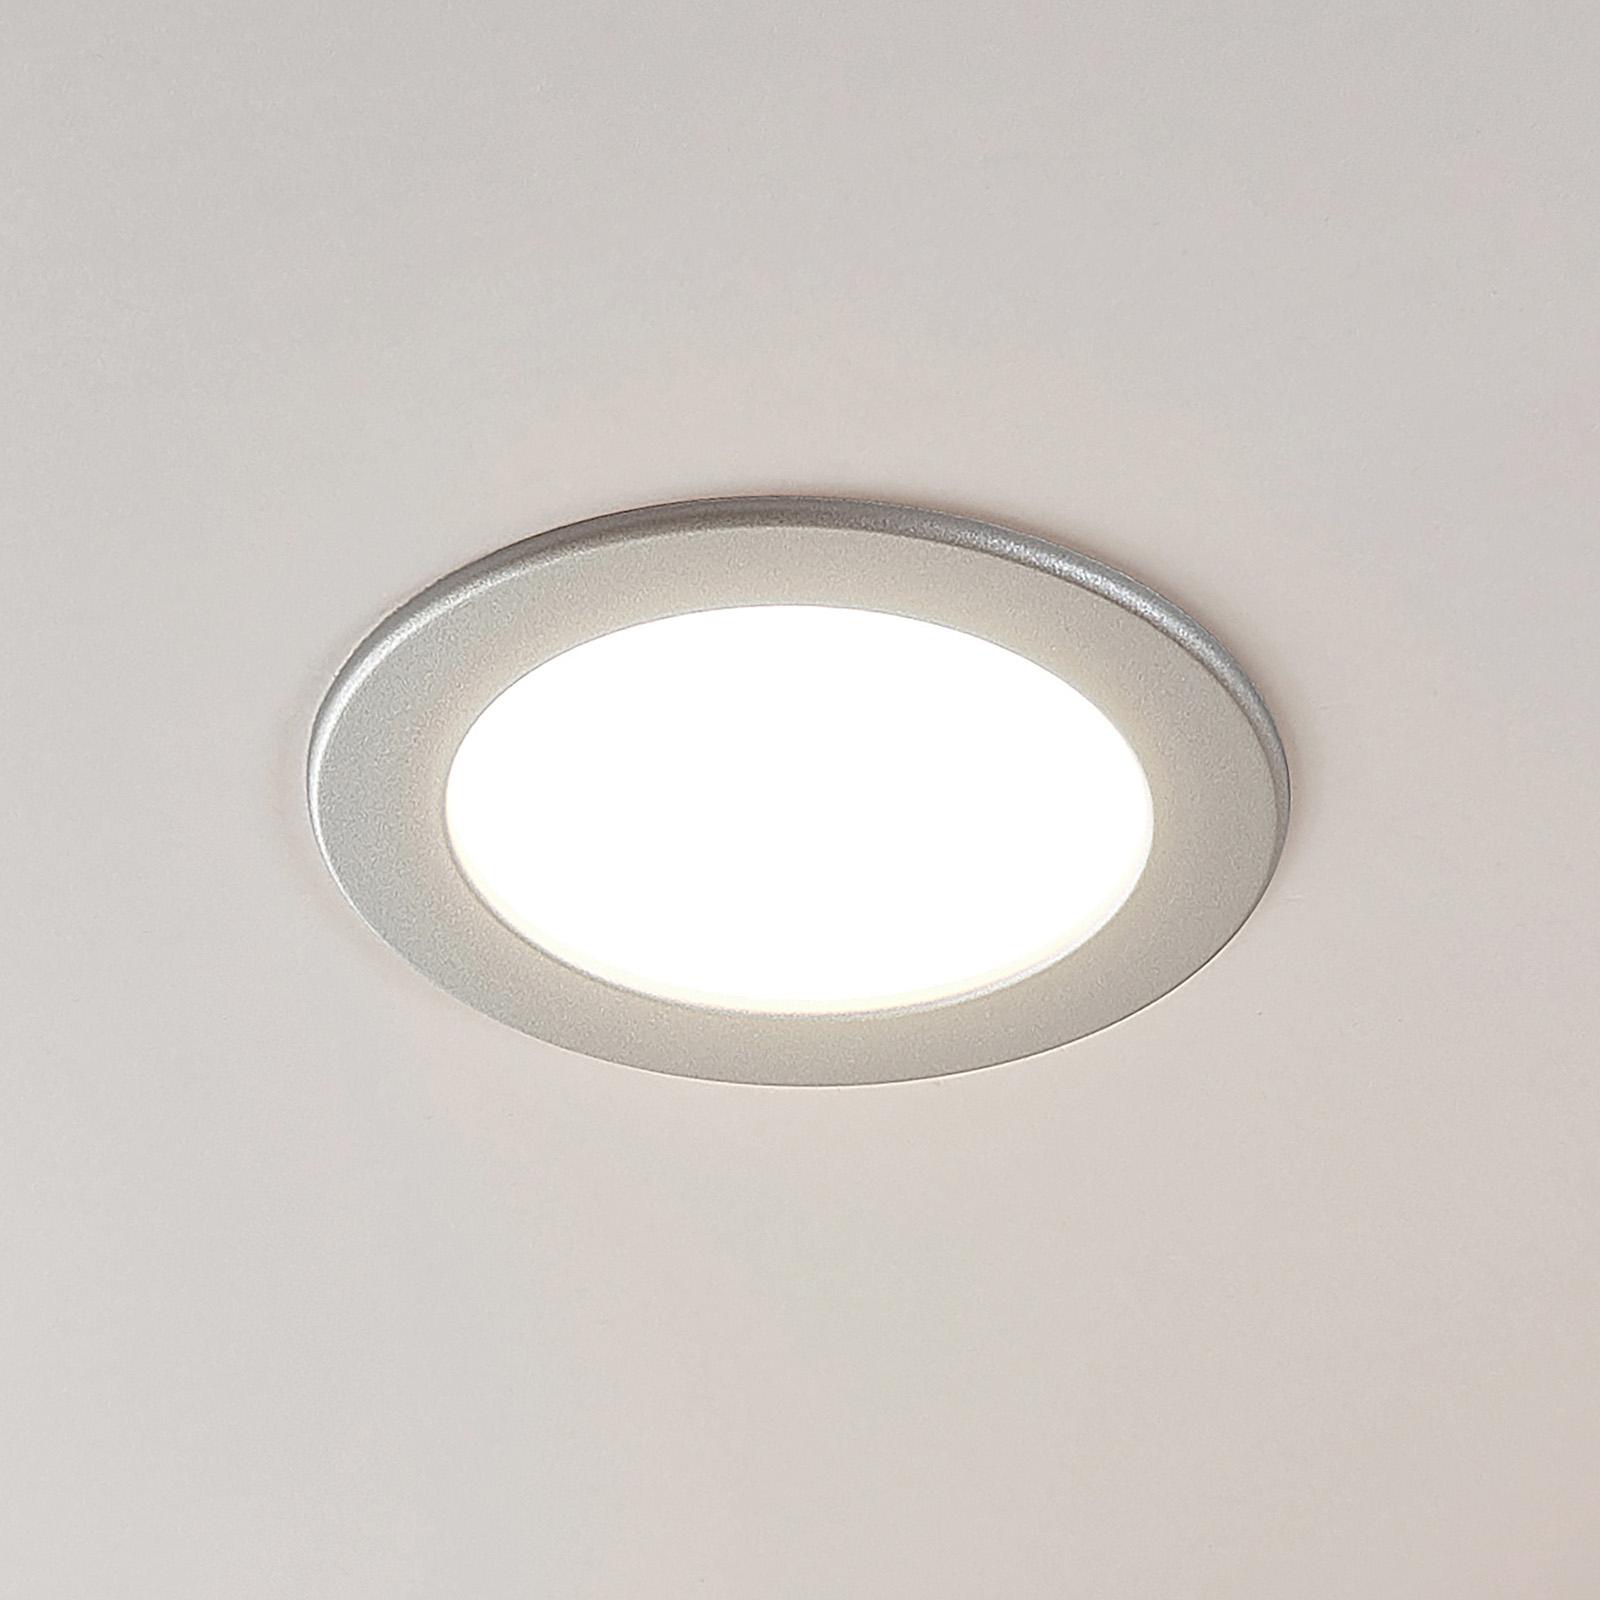 Spot LED Joki srebrny 3000K okrągły 17cm